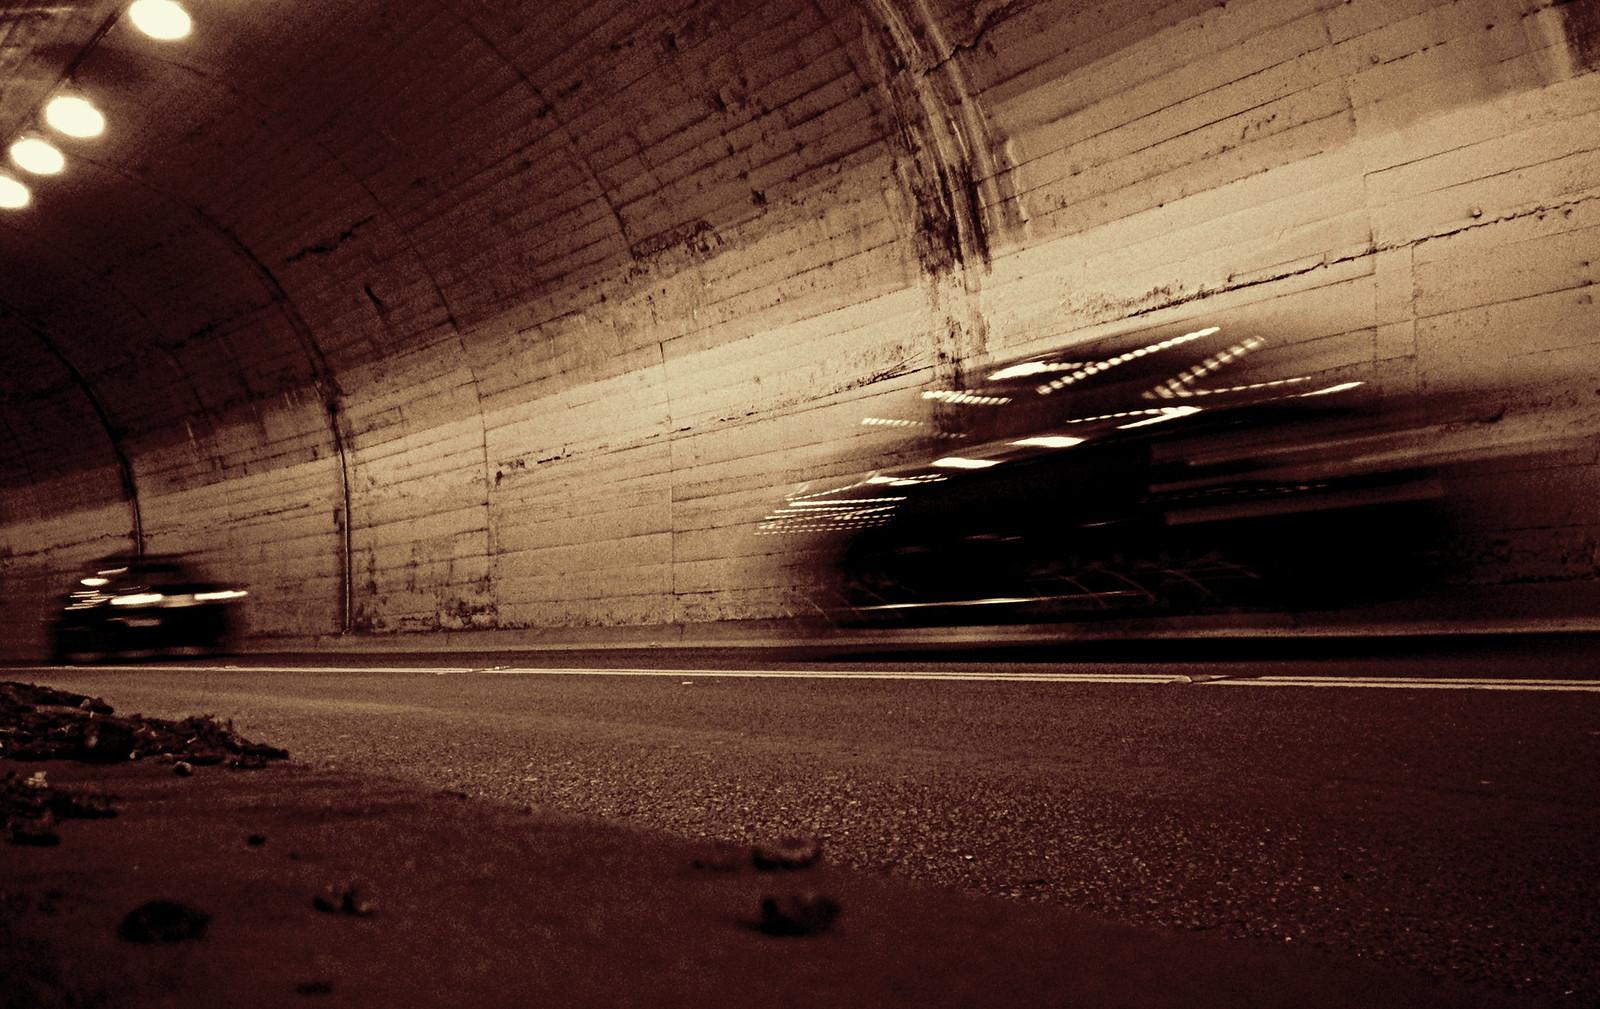 Tunnel traffic   by TJ Gehling